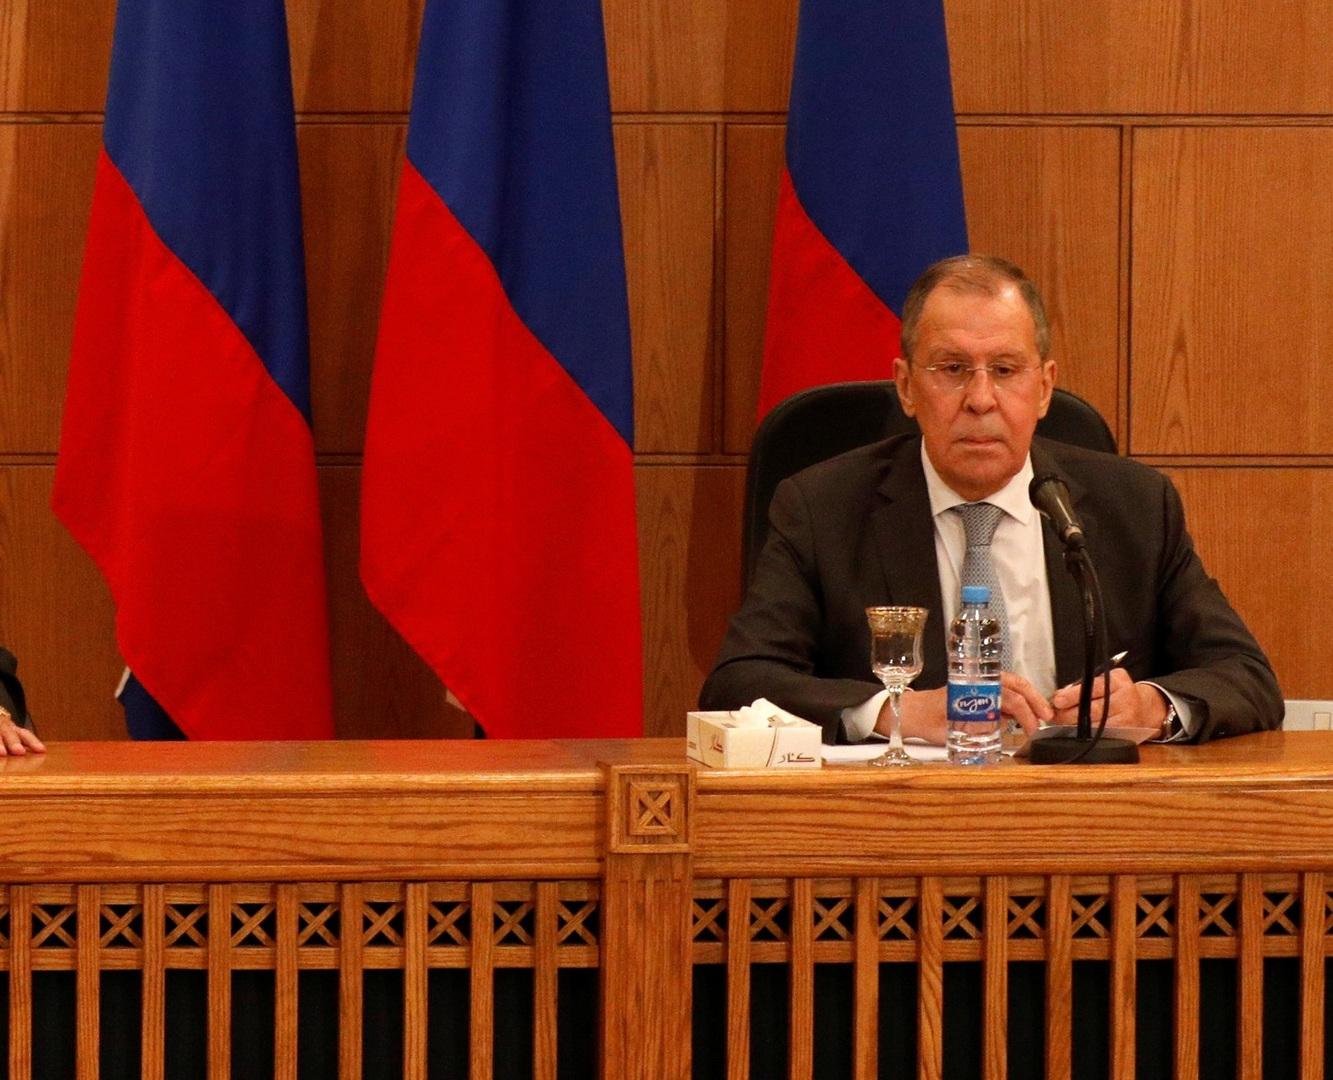 لافروف: التقارير حول استخدام روسيا أراضي سوريا لنقل مرتزقة إلى ليبيا لا تستند إلى أي حقائق